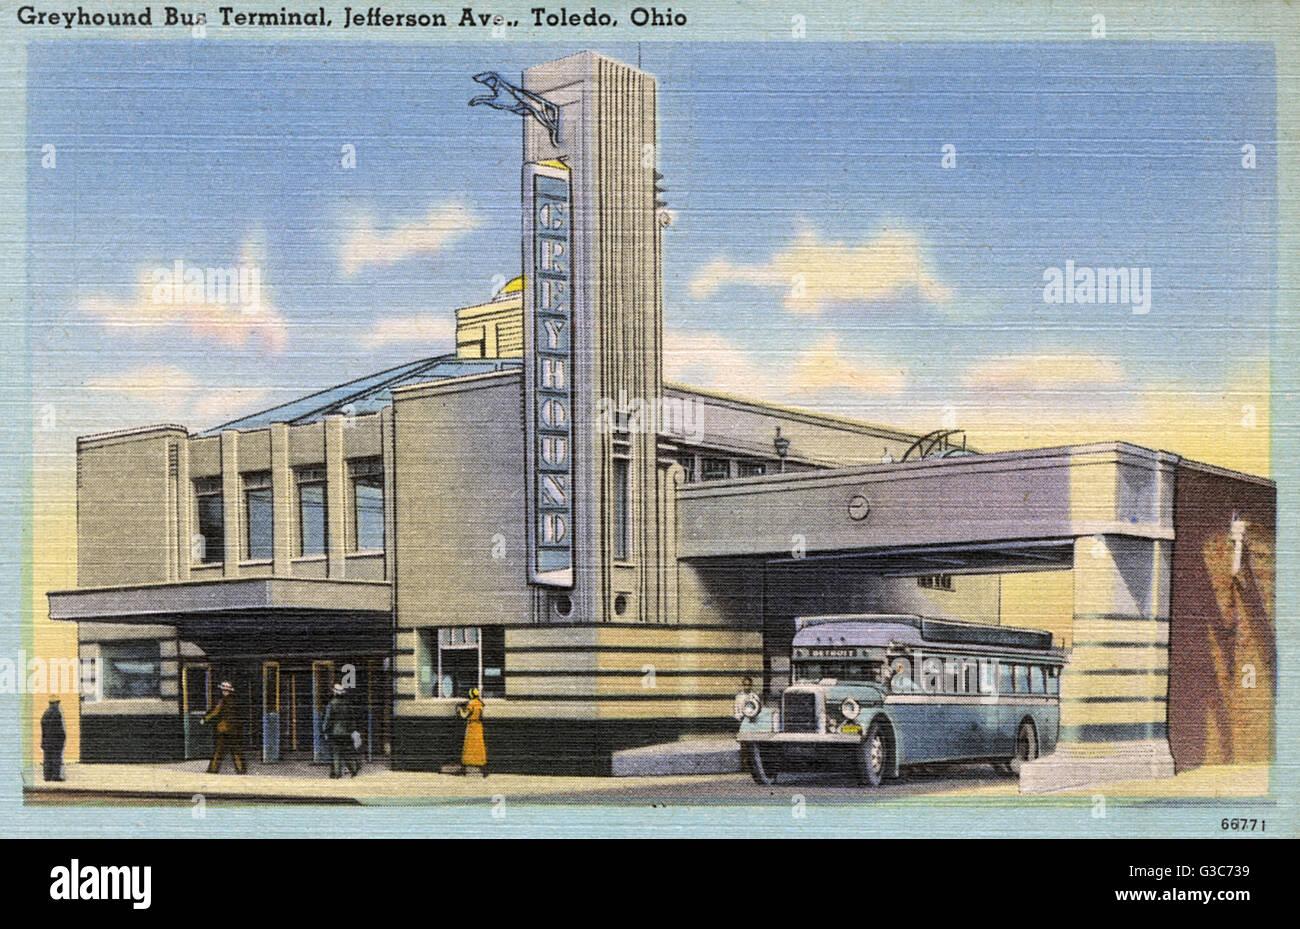 Greyhound Bus Terminal Stock Photos & Greyhound Bus Terminal